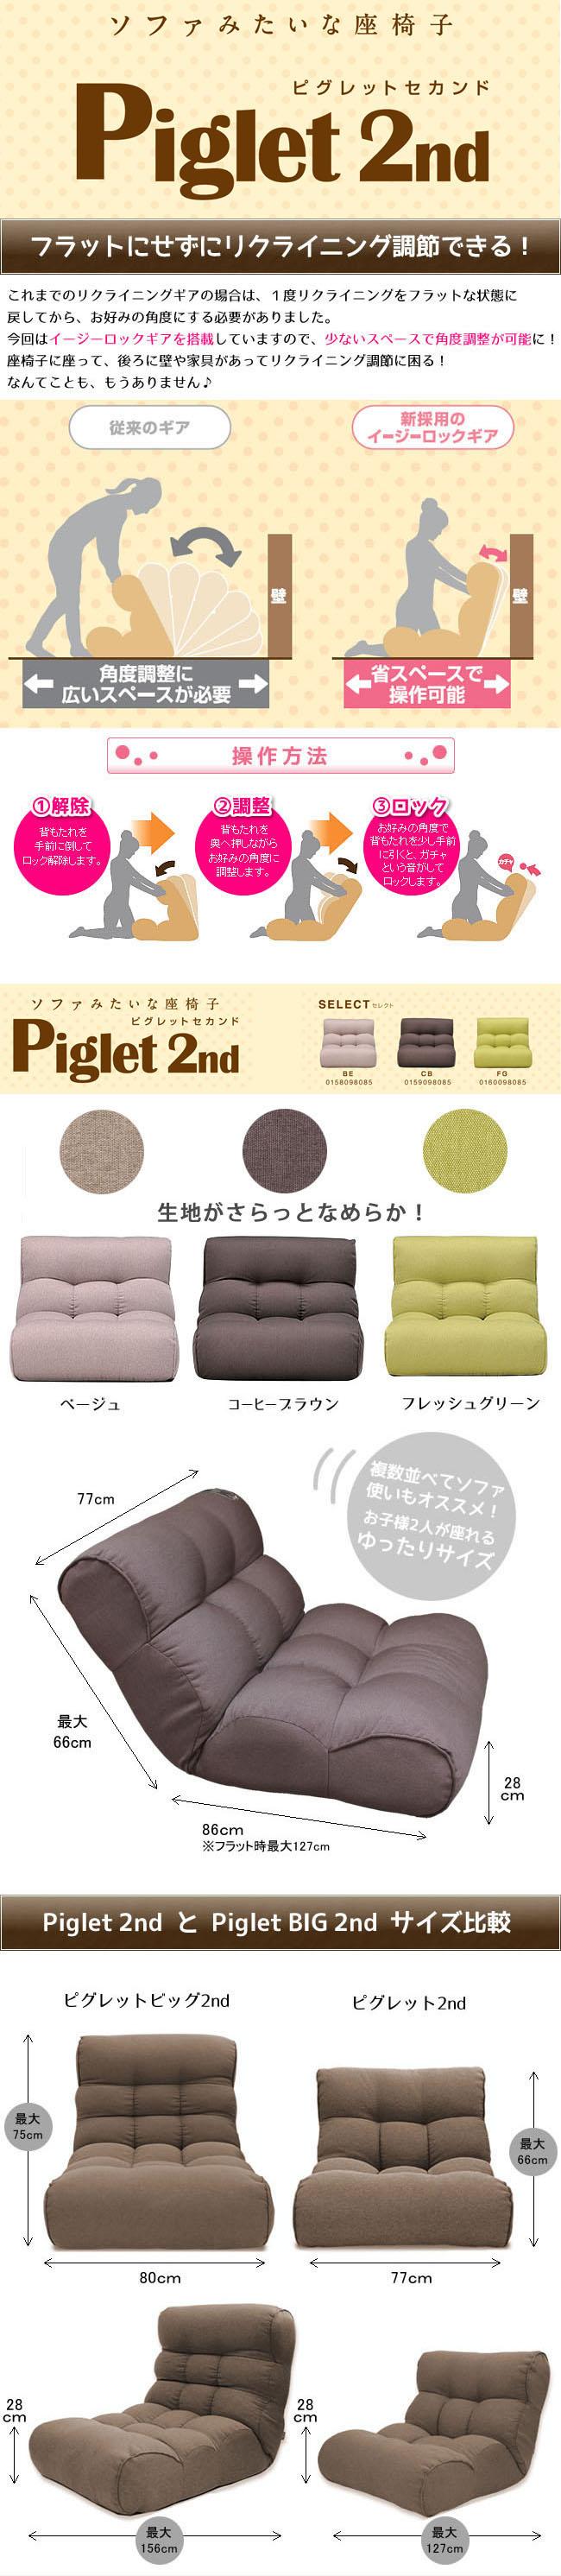 ソファ座椅子 Piglet 2nd  ピグレットセカンド  セレクト